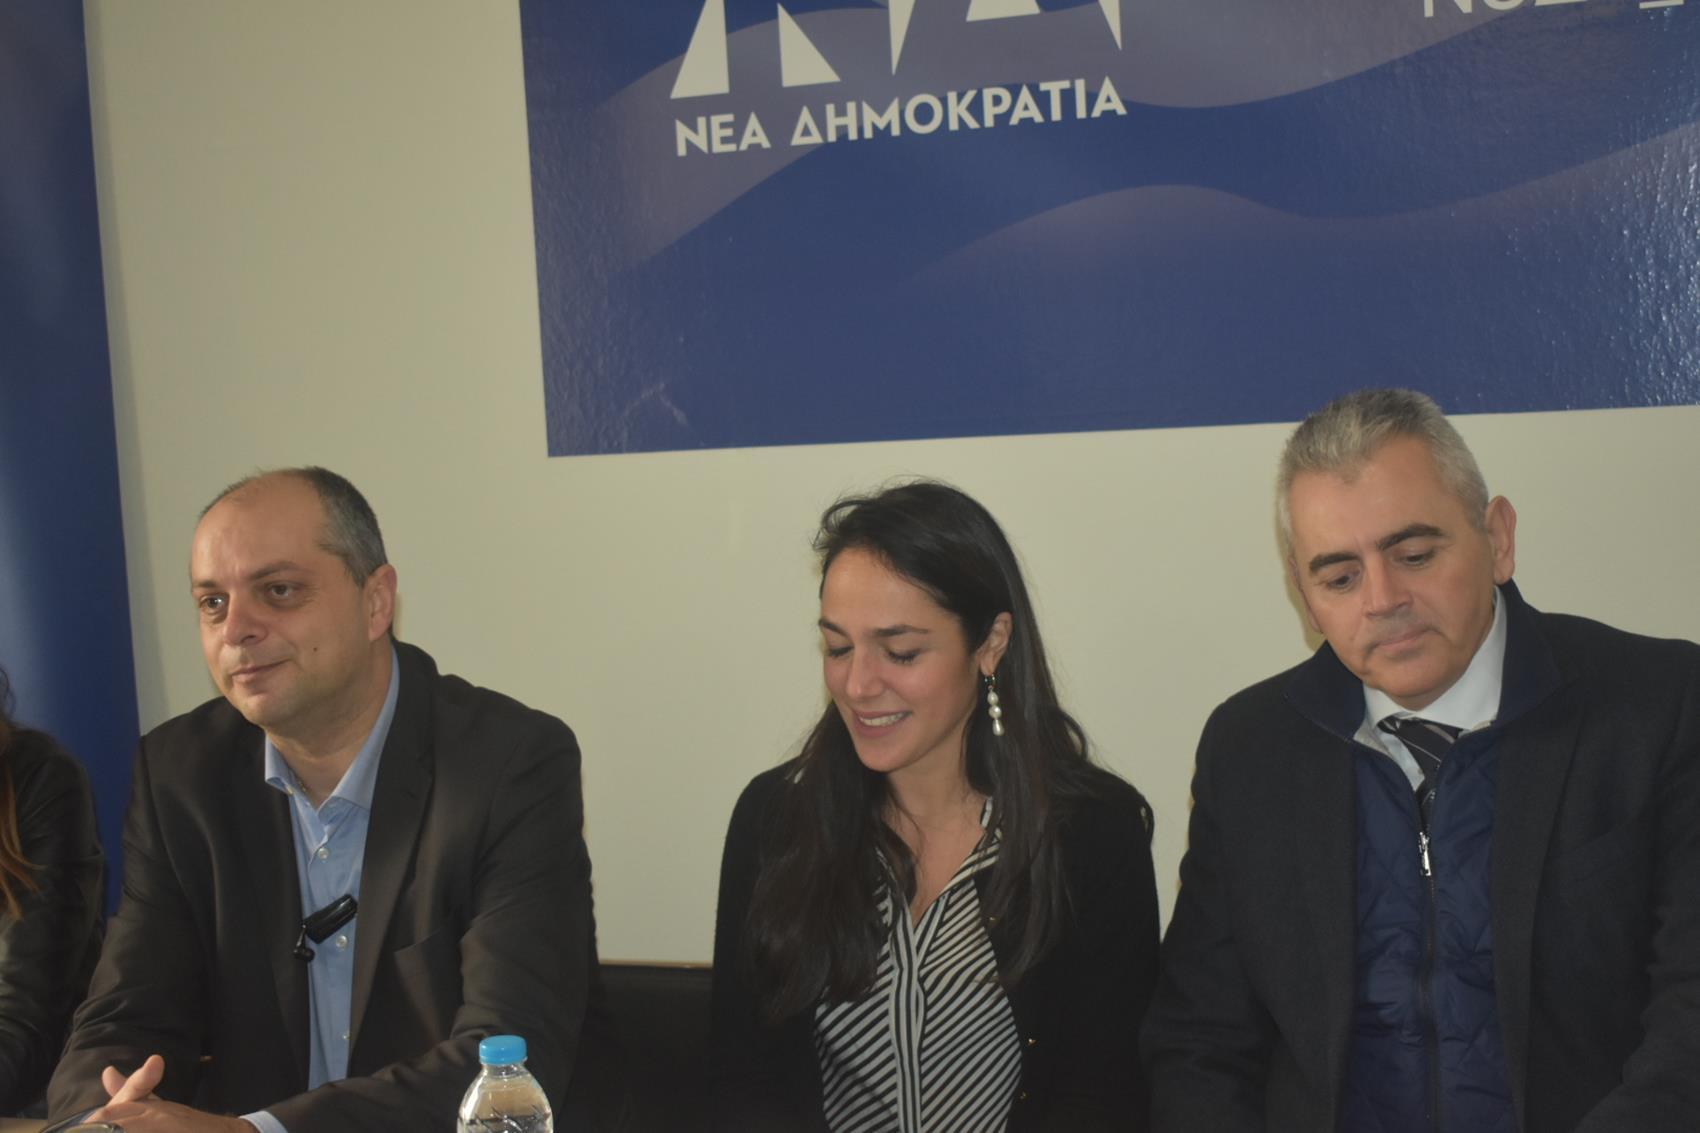 Προνοιακές δομές στη Λάρισα επισκέφθηκε η υφυπουργός Εργασίας Δόμνα Μιχαηλίδου (φωτό - video)